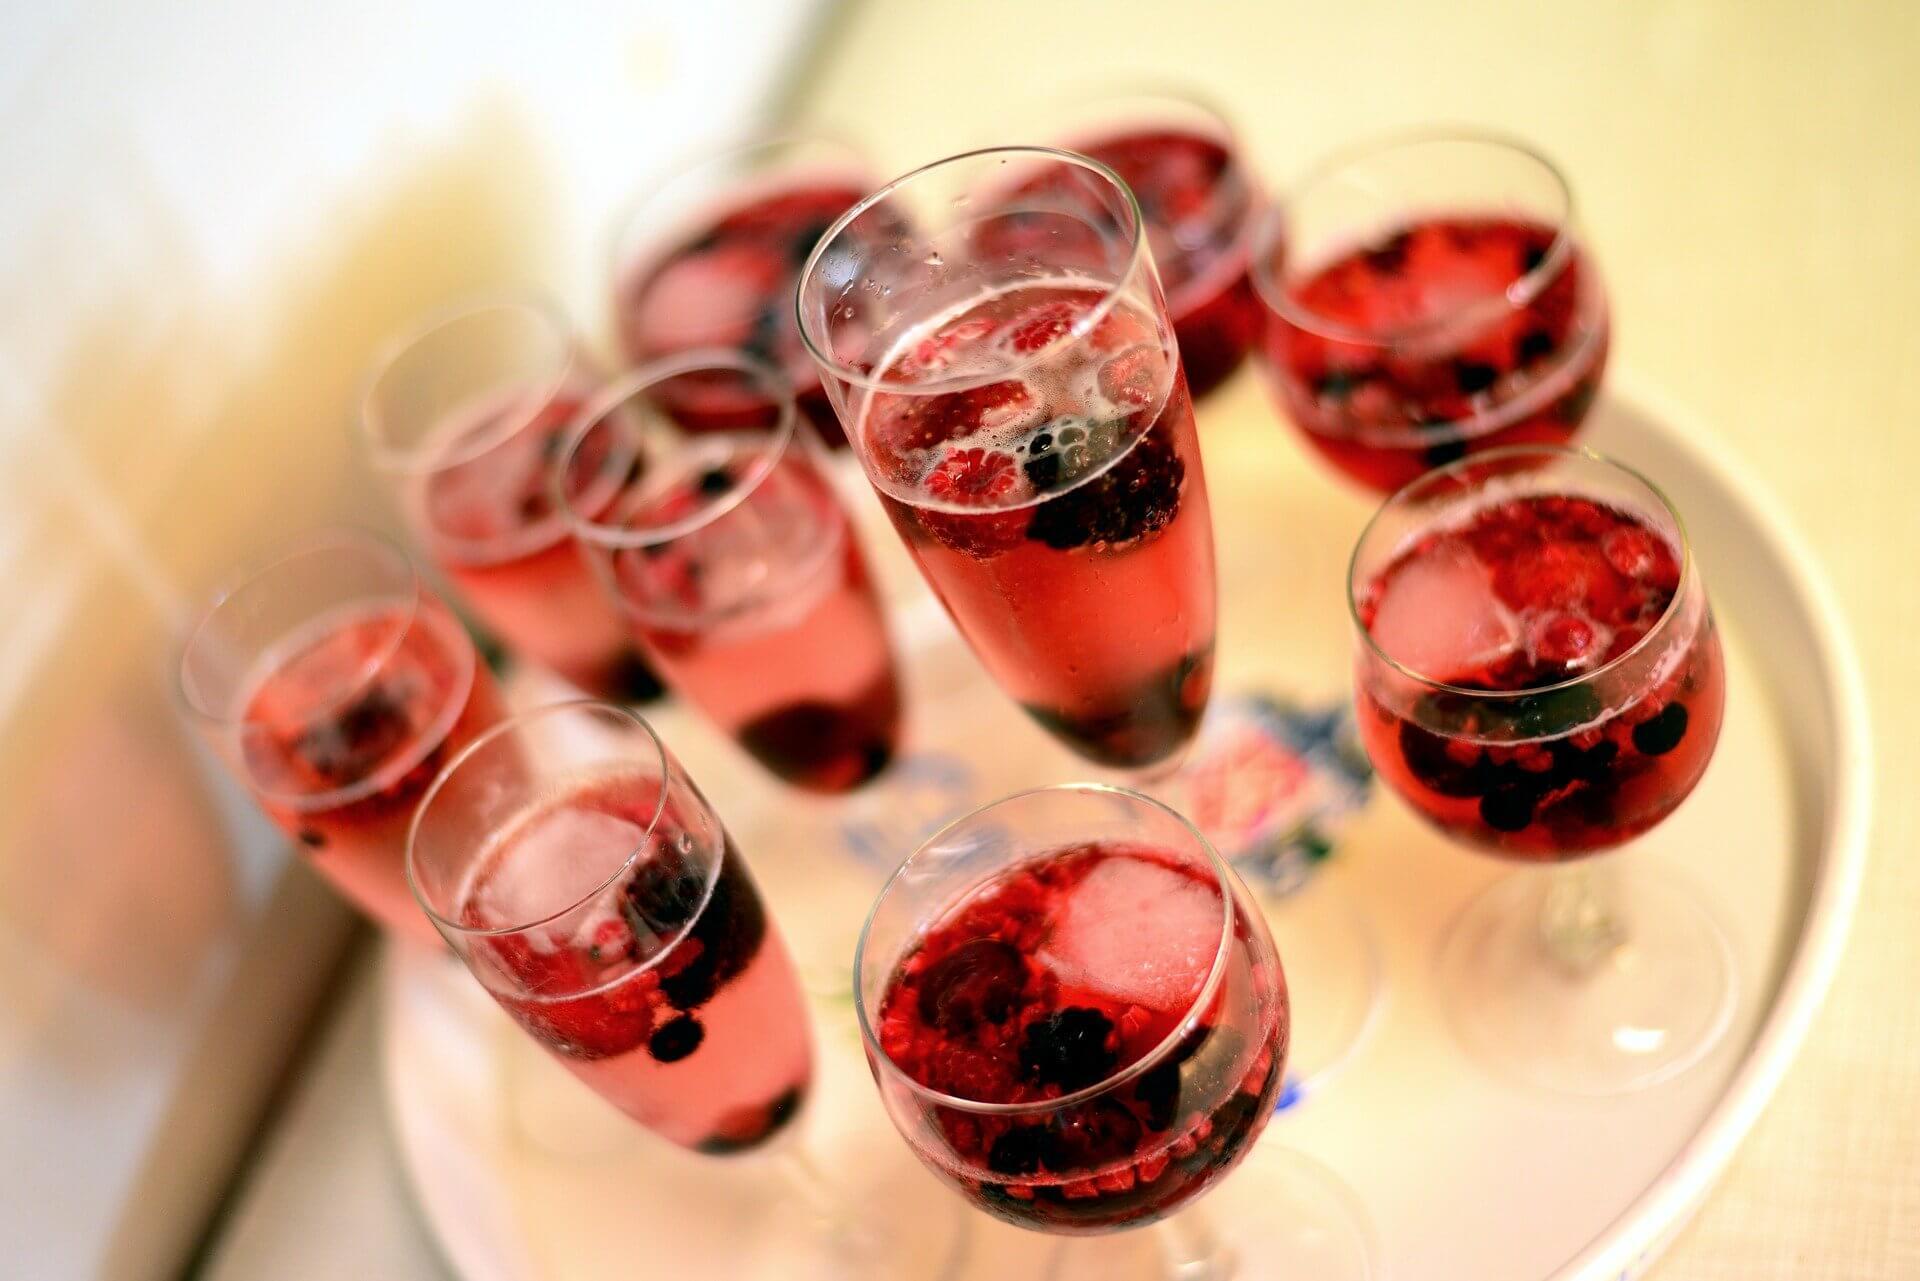 テーブルマナーにおける飲み物の頼み方の画像